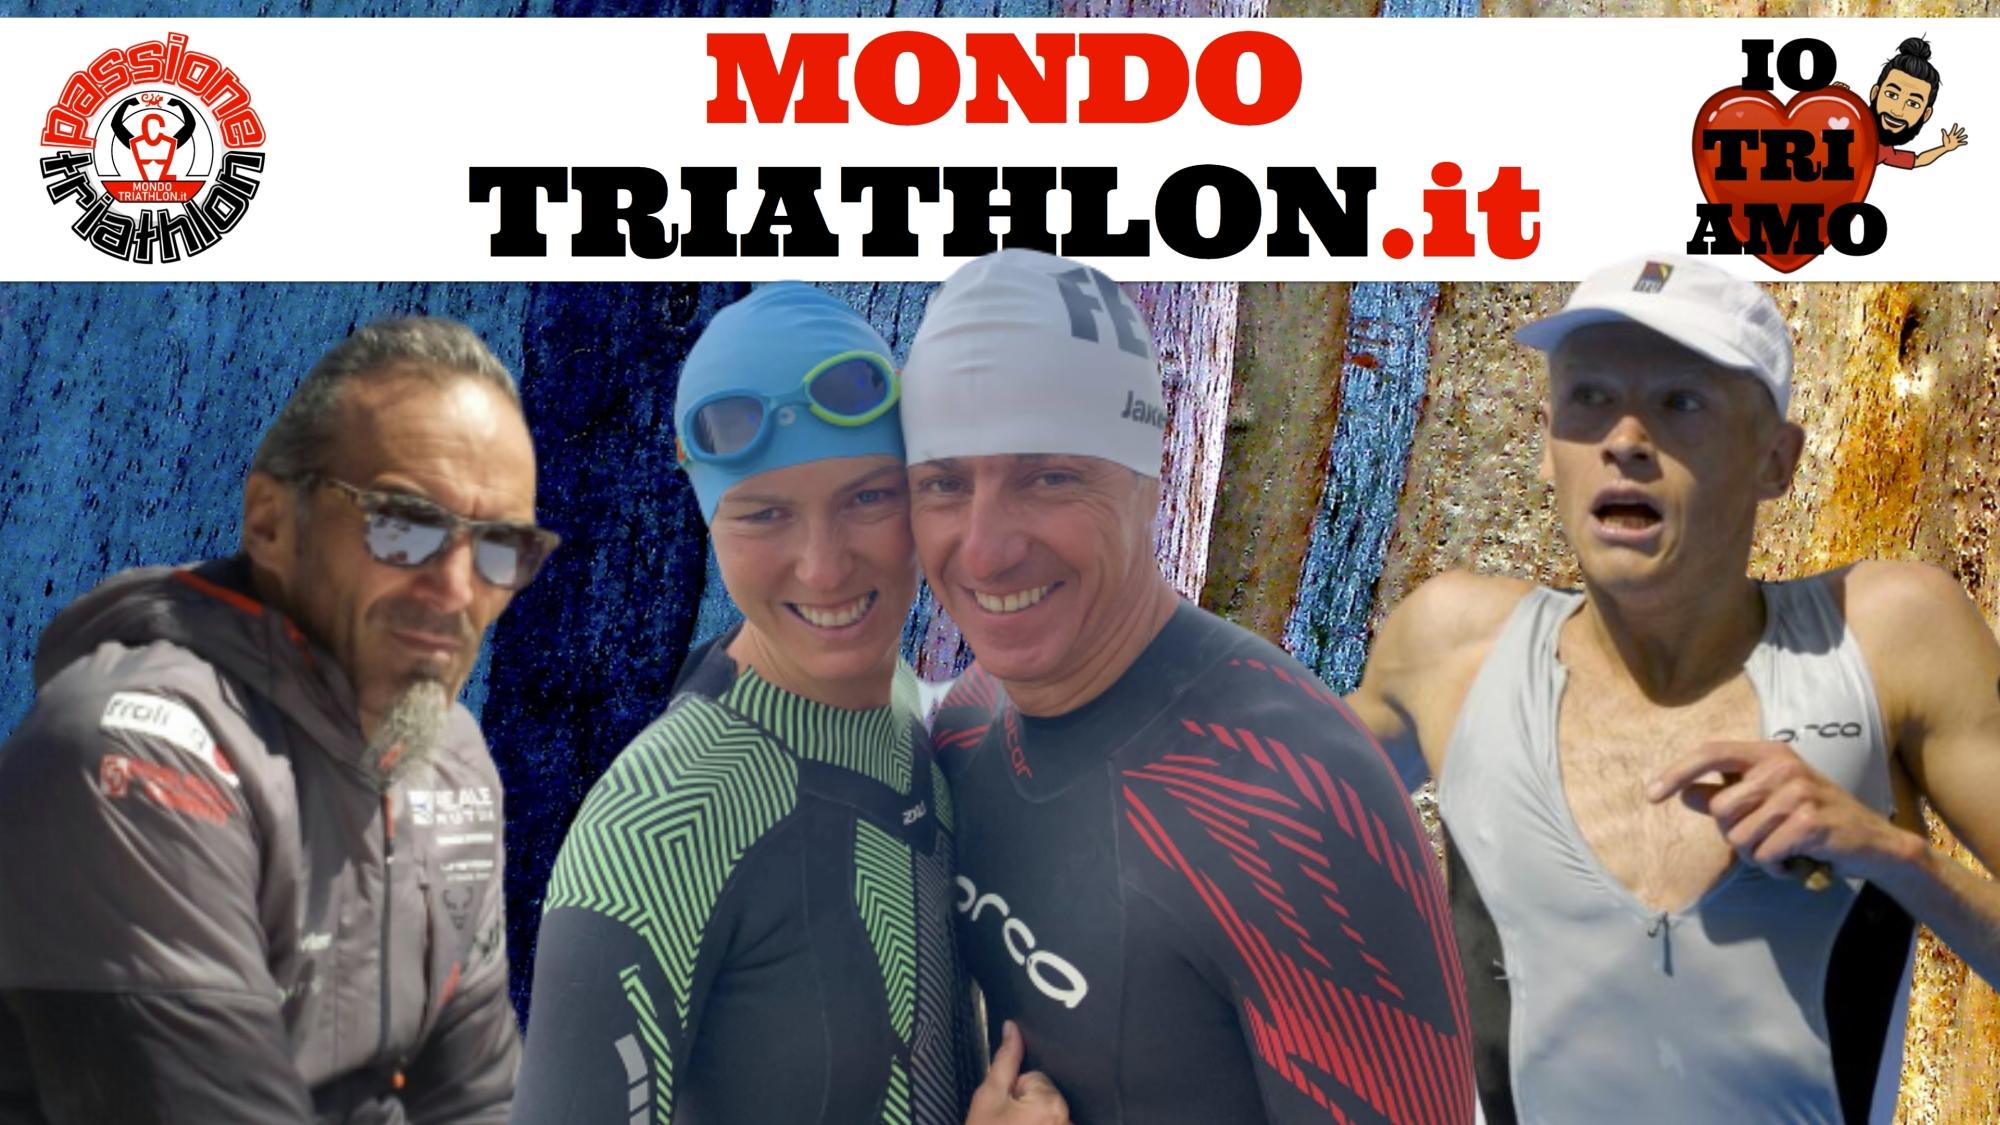 Passione Triathlon, la copertina con i protagonisti dal 7 all'11 settembre 2020: Michela Santini e Federico Procopio, Vladimir Polikarpenko, Marco Zaffaroni